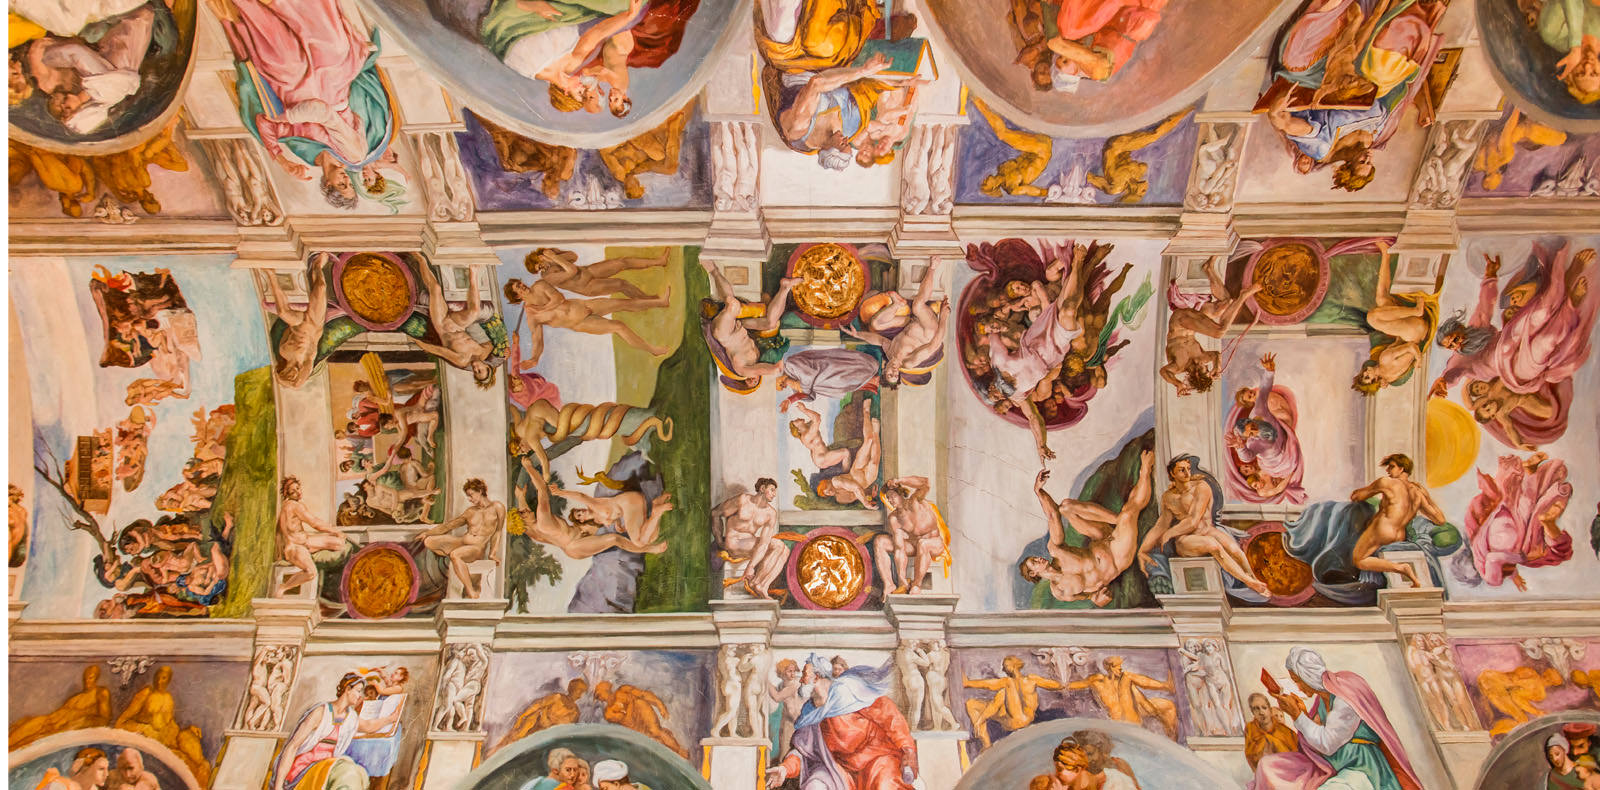 Maurizio Cattelan s'attaque à la copie (dans l'art) à l'invitation de Gucci